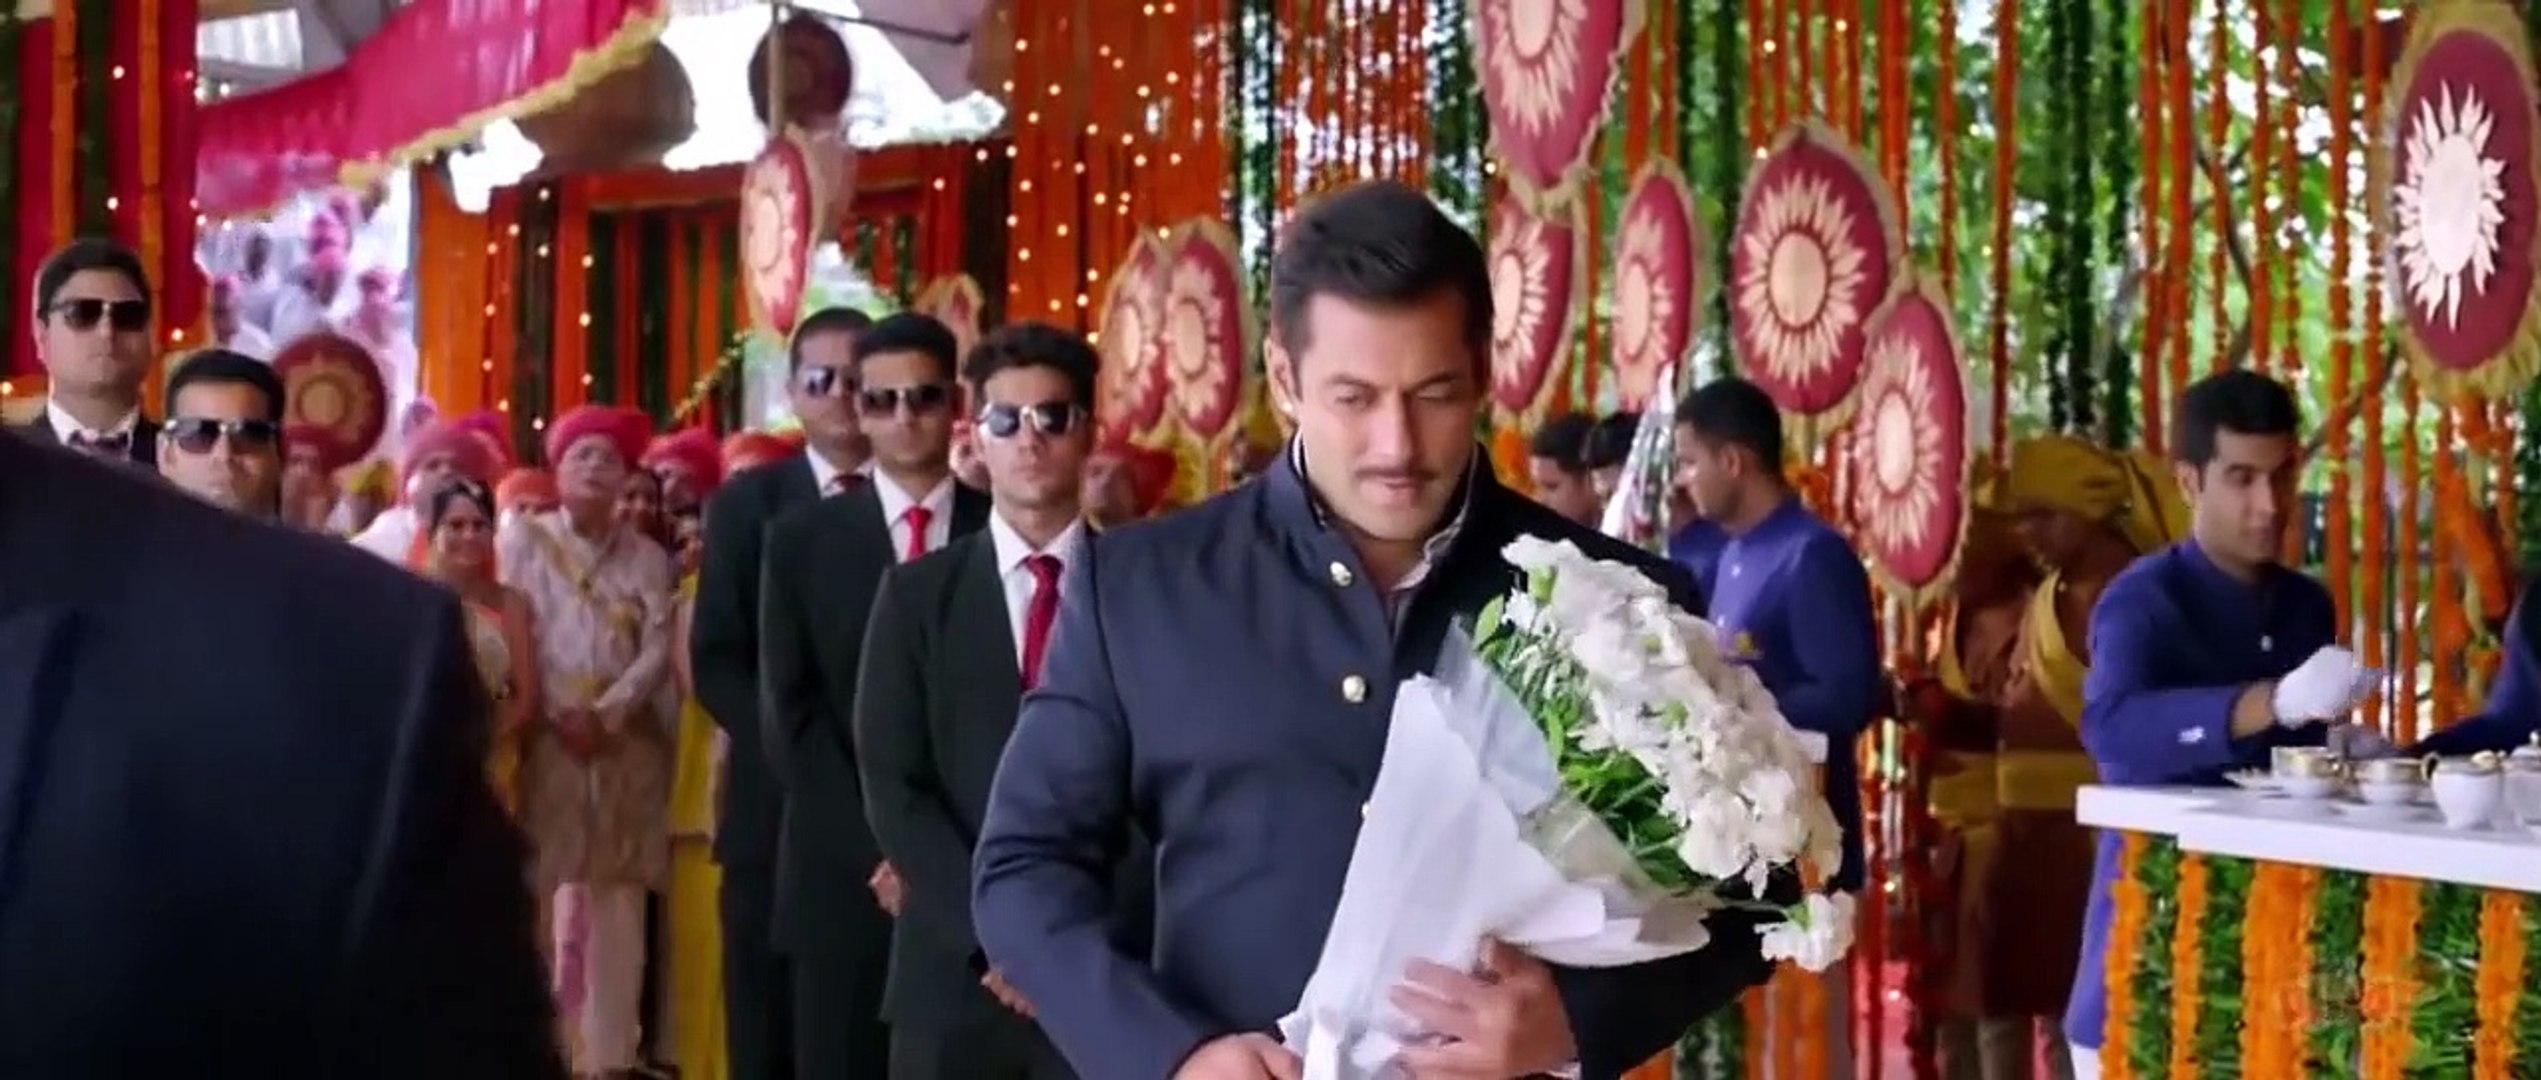 New Hindi Movies 2020 - Salman Khan - Latest Bollywood Movies 2020